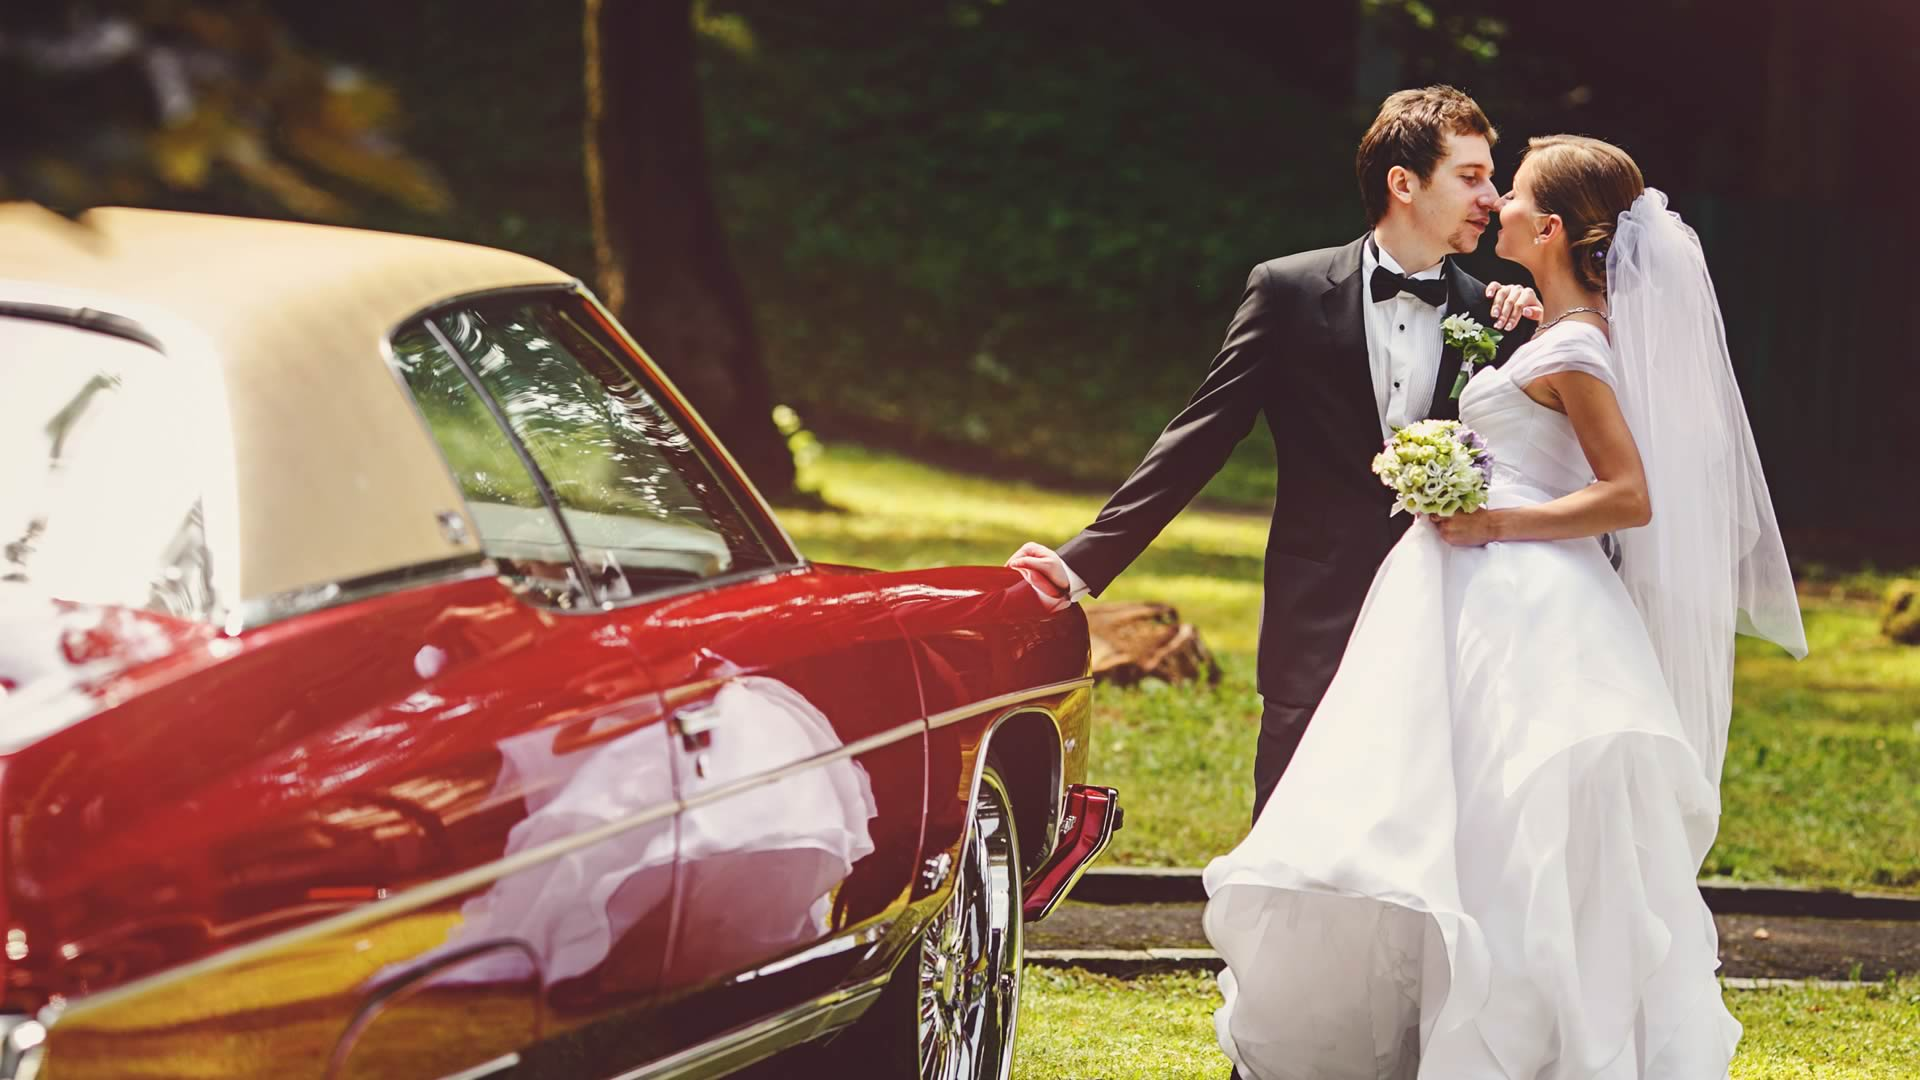 Cincinnati wedding officiants Sensational Ceremonies